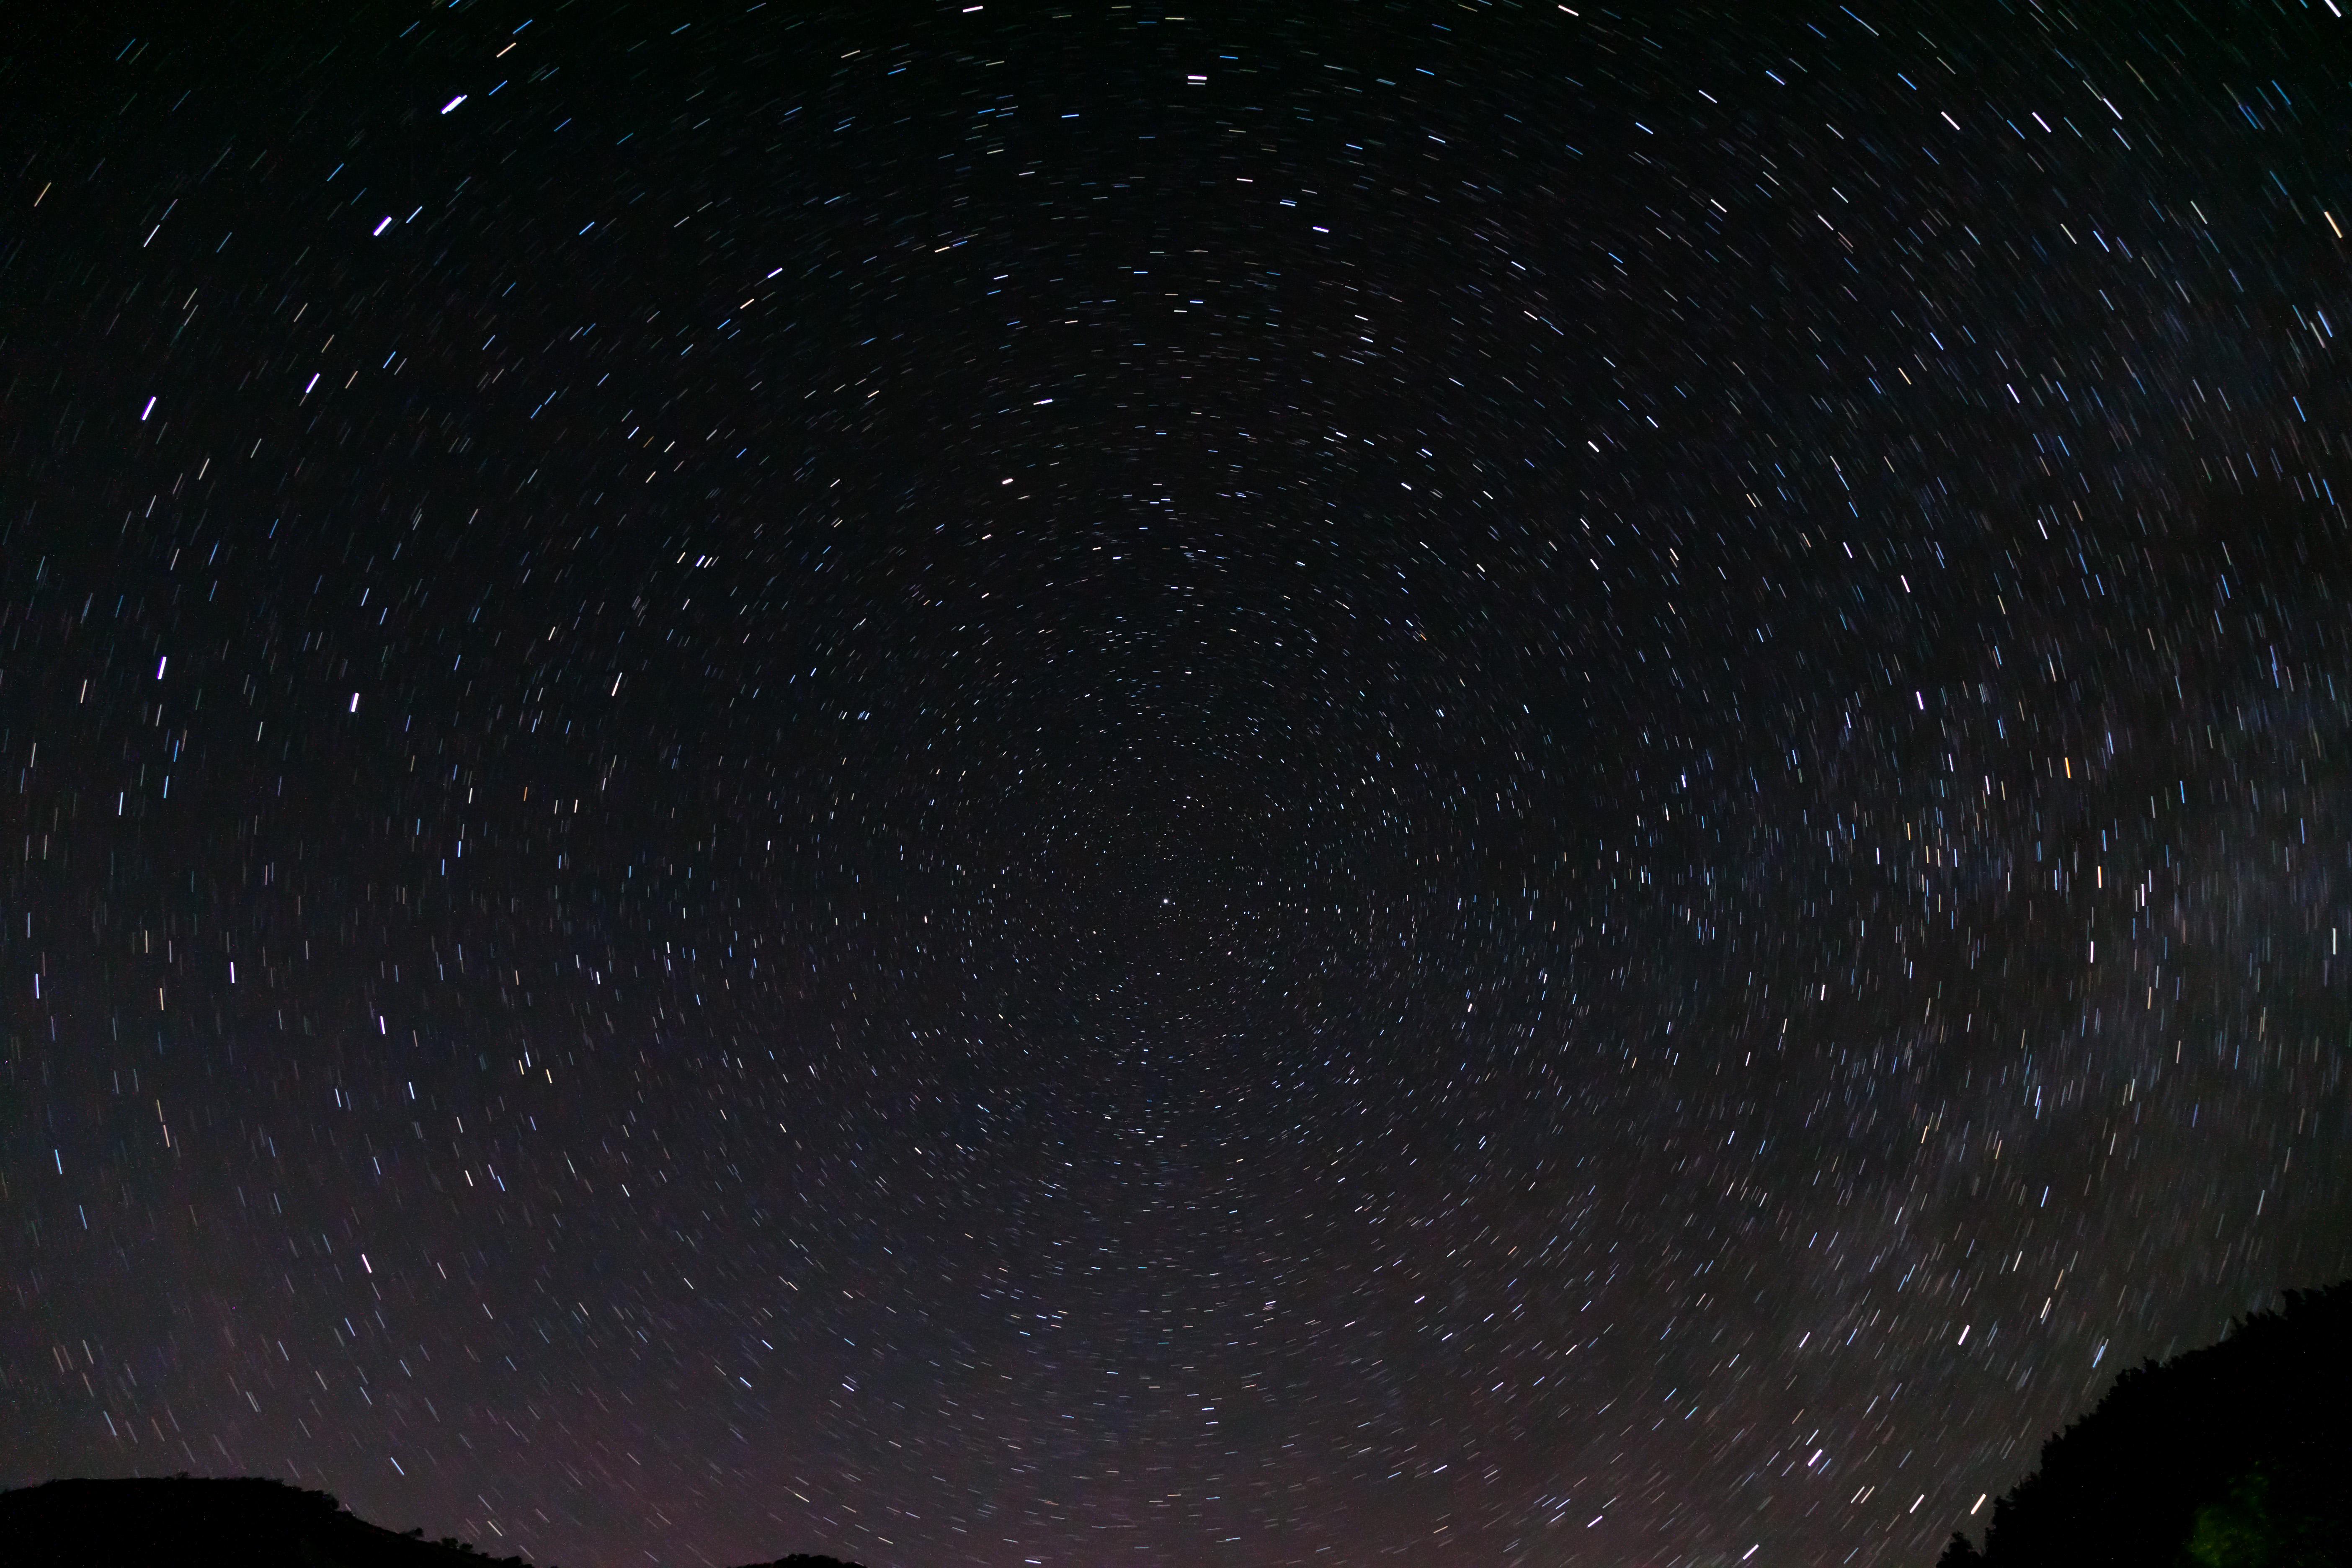 <b>(イメージ)赤道儀を使用せず、北極星を中心に周回する星々を撮影</b>